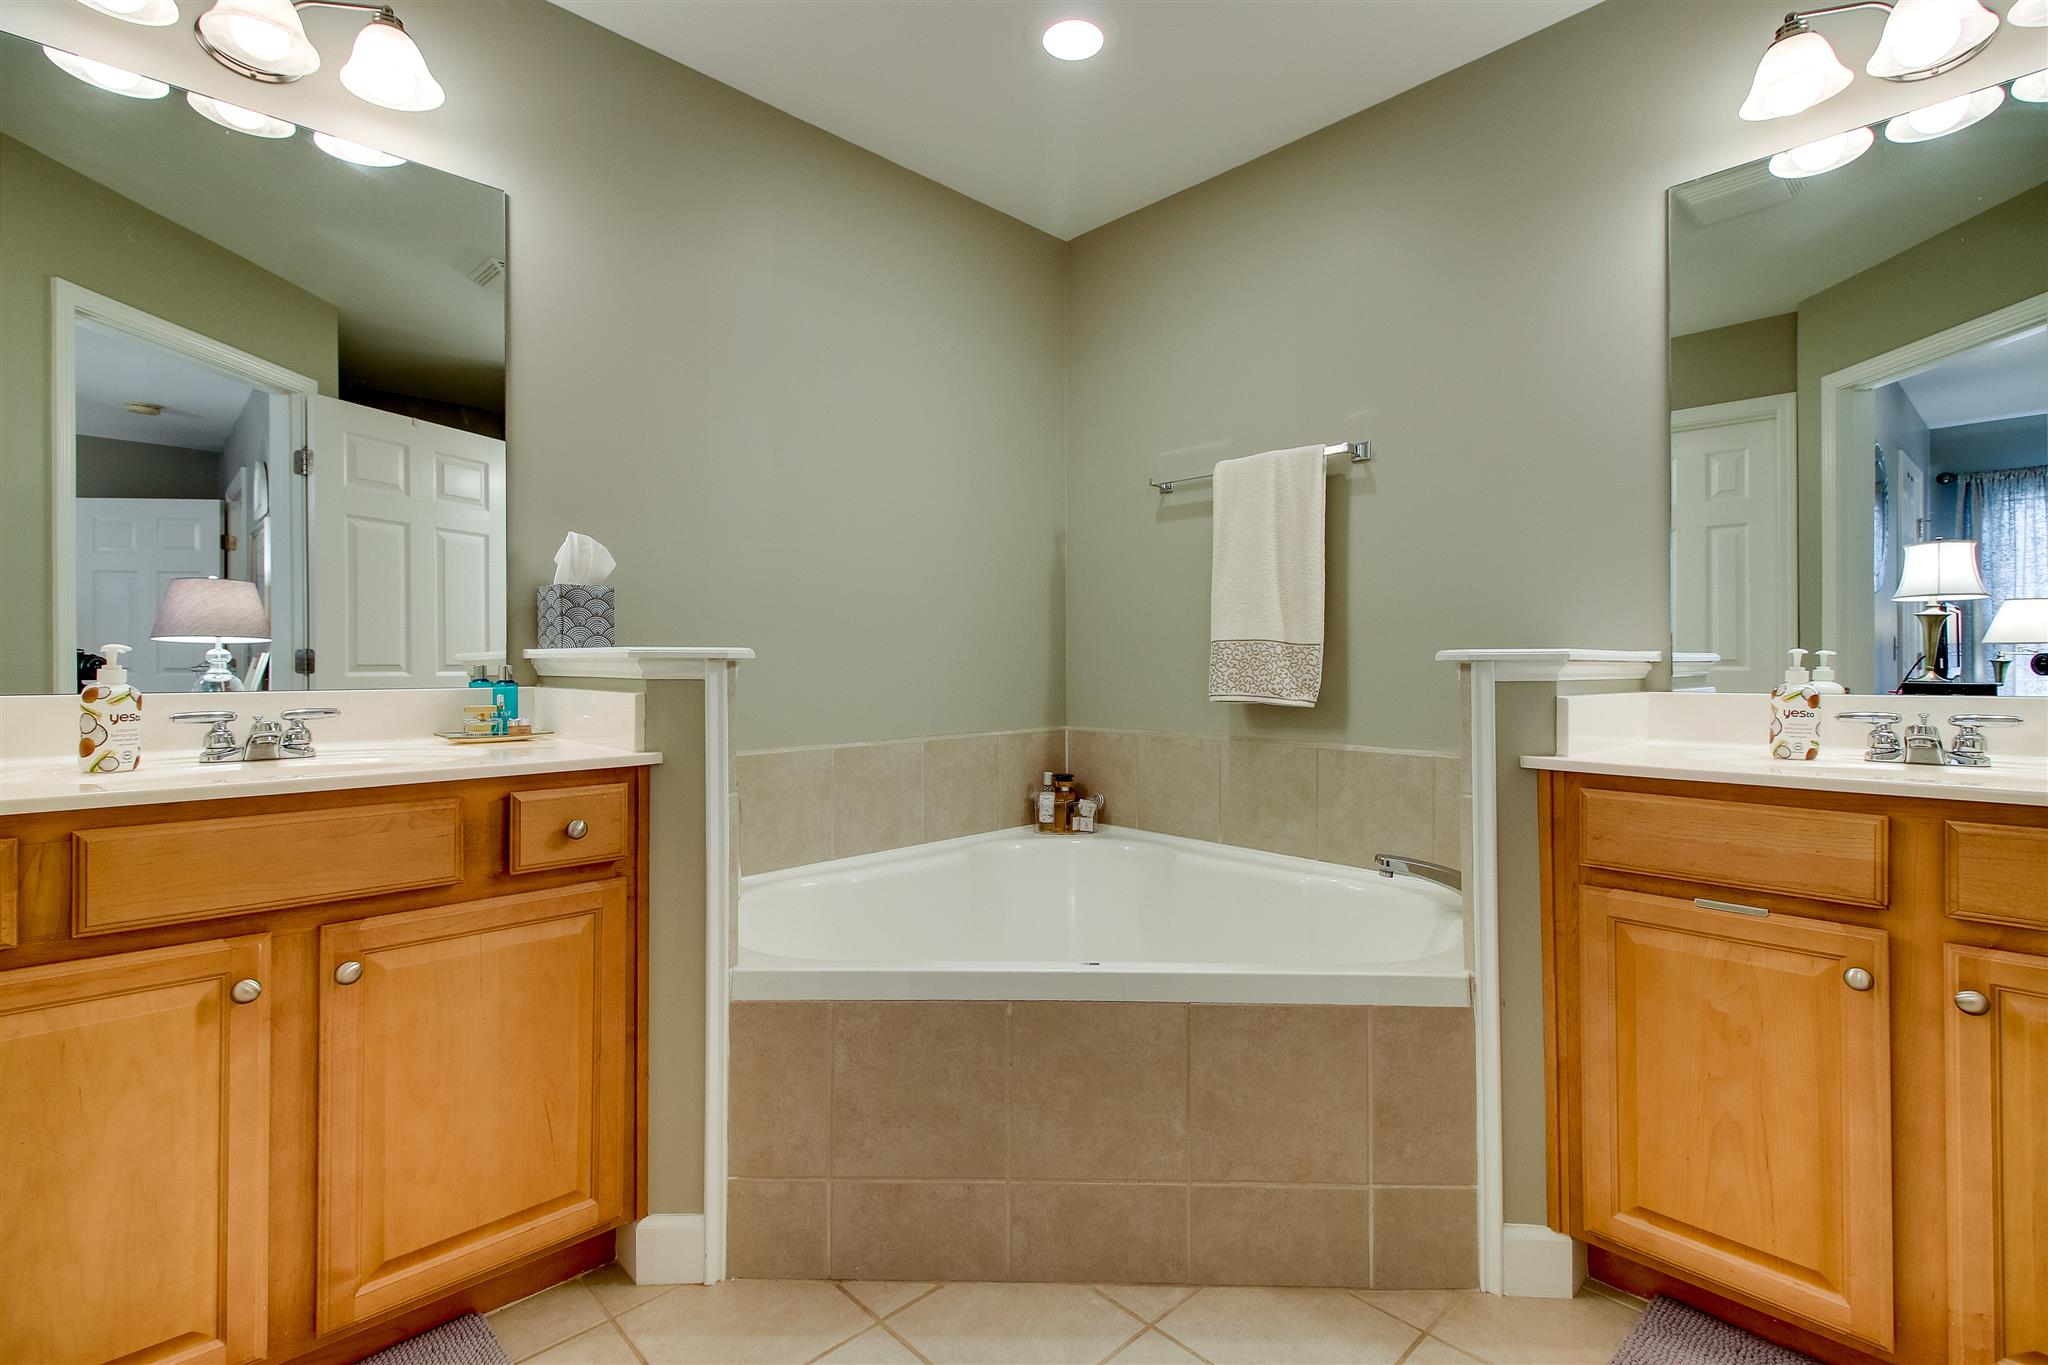 Bathroom Cabinets Nashville Tn 7814 heaton way, nashville, tn 37211 mls# 1800720 - movoto